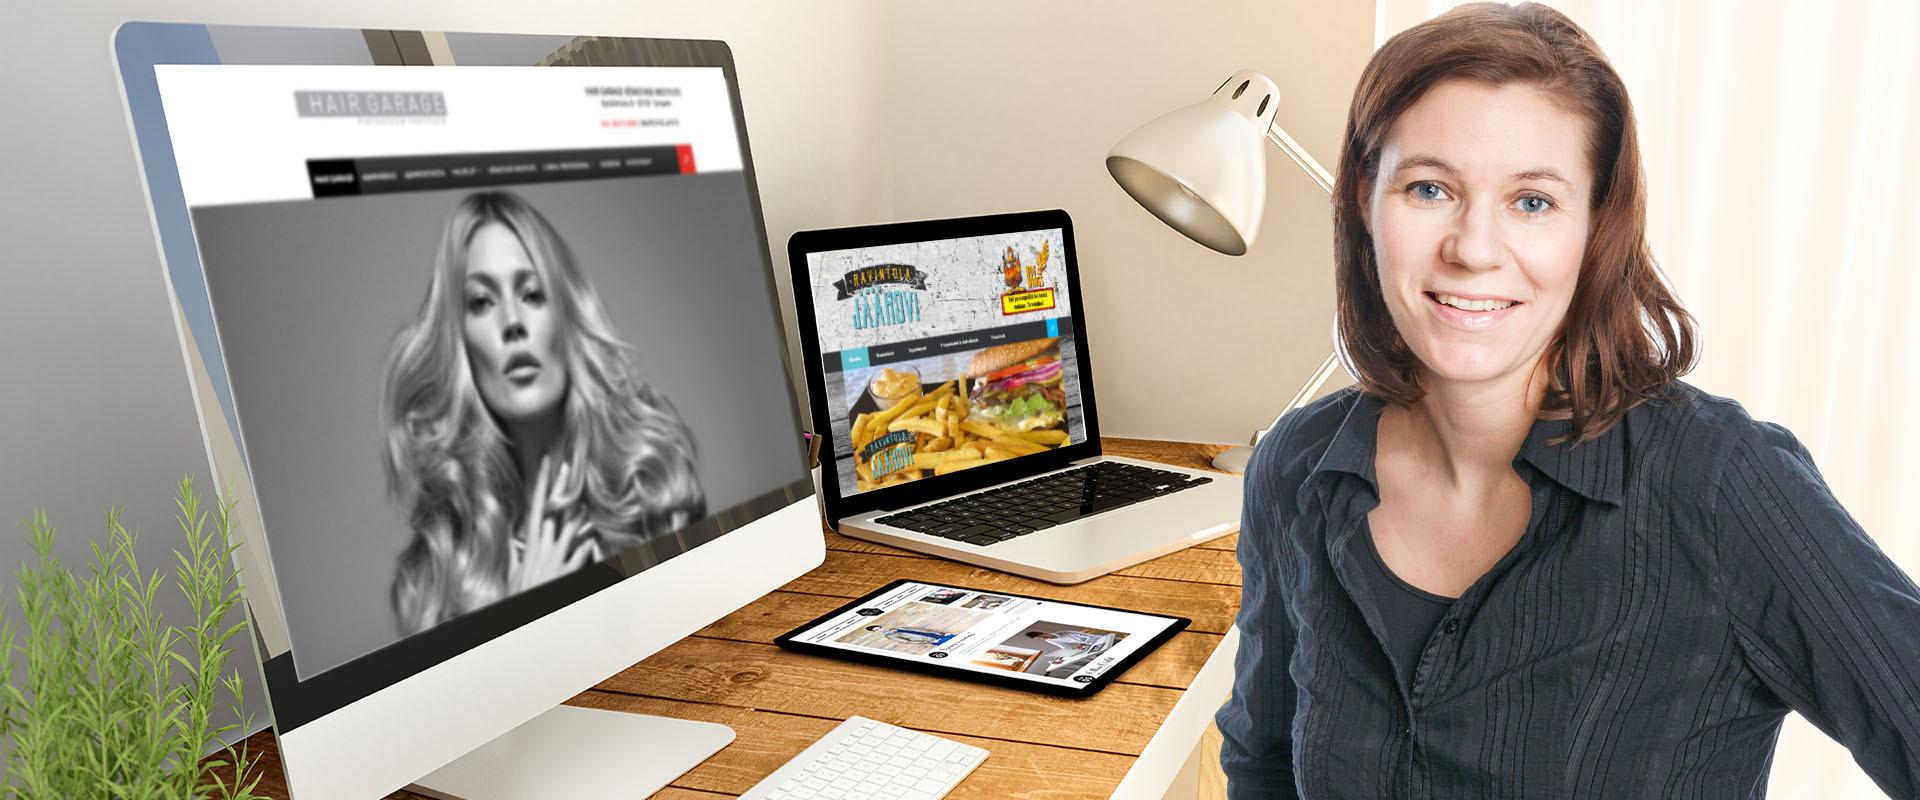 Tyylikkäät ja responsiiviset kotisivut yhdistyksille ja yrityksille!